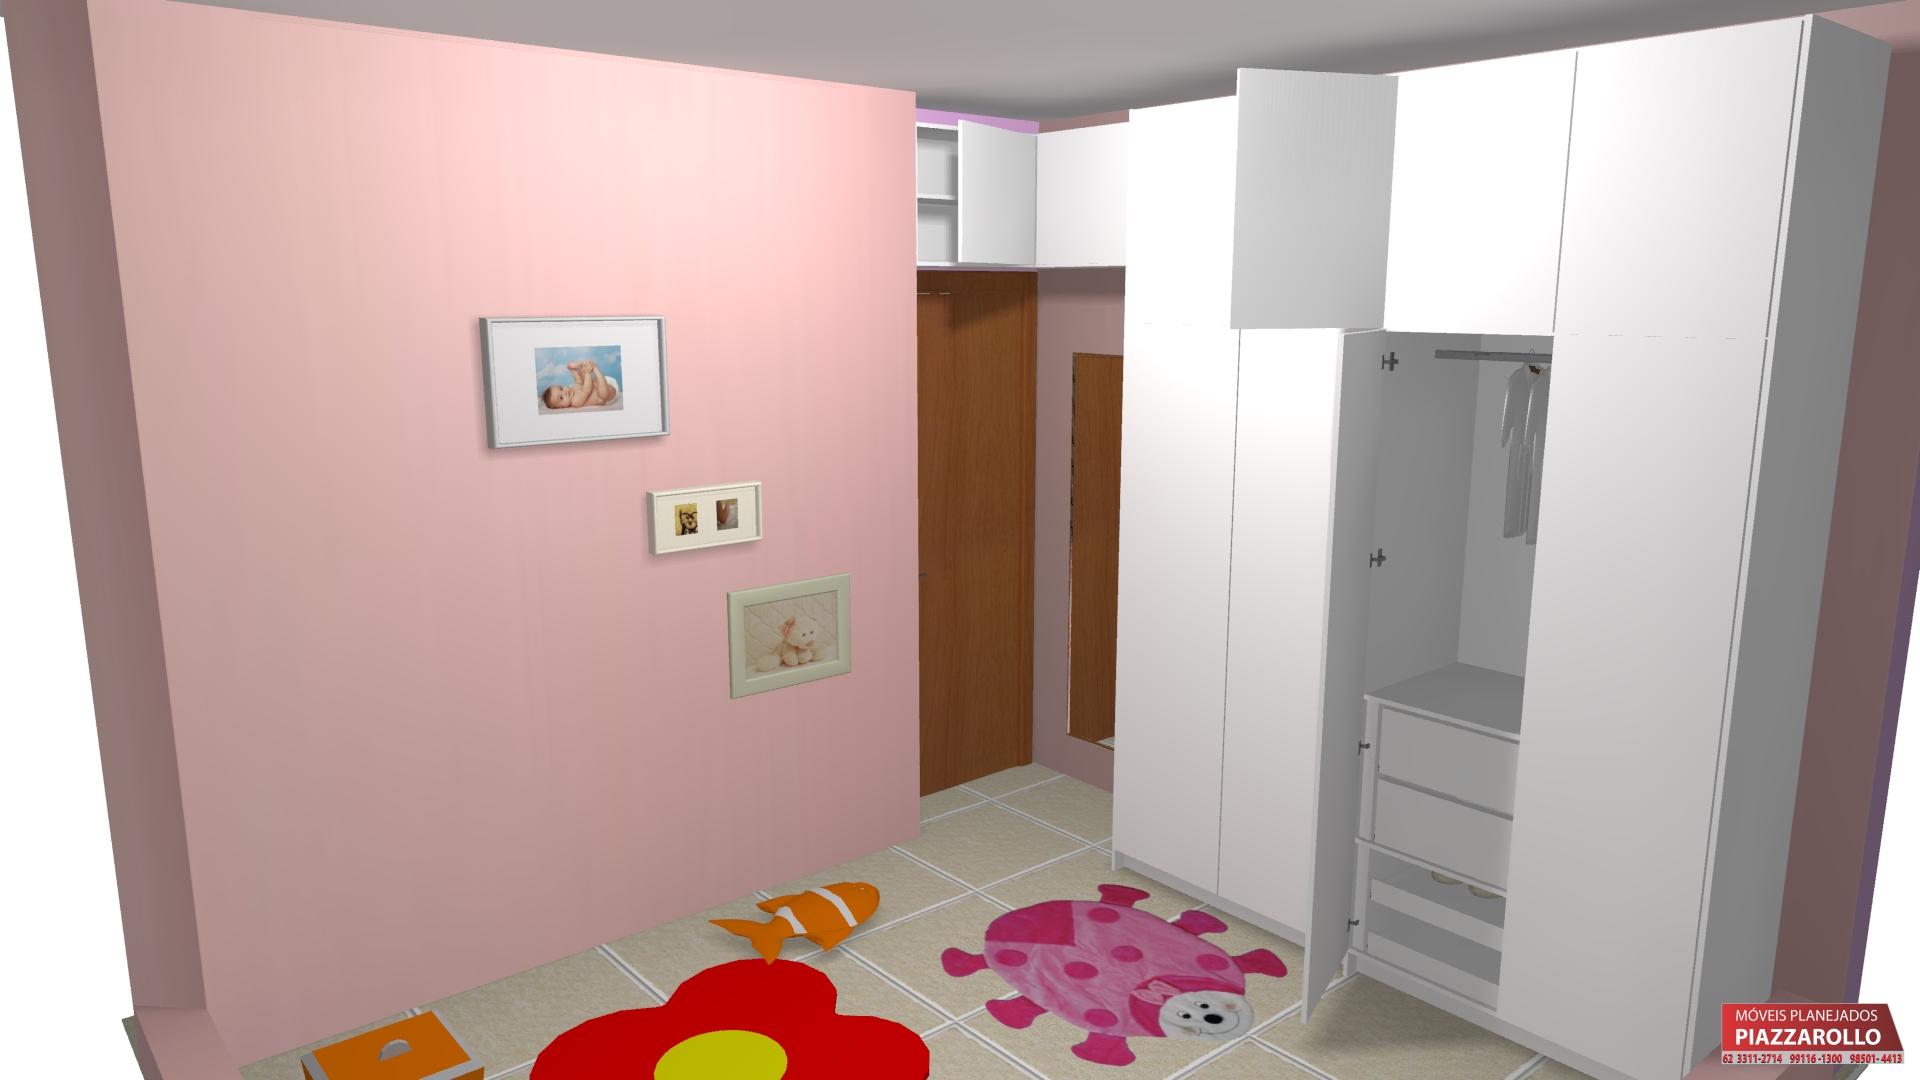 Móveis_Planejados_Piazzarollo_-_Quarto_da_Rafaela_e_Gabriela_-_29